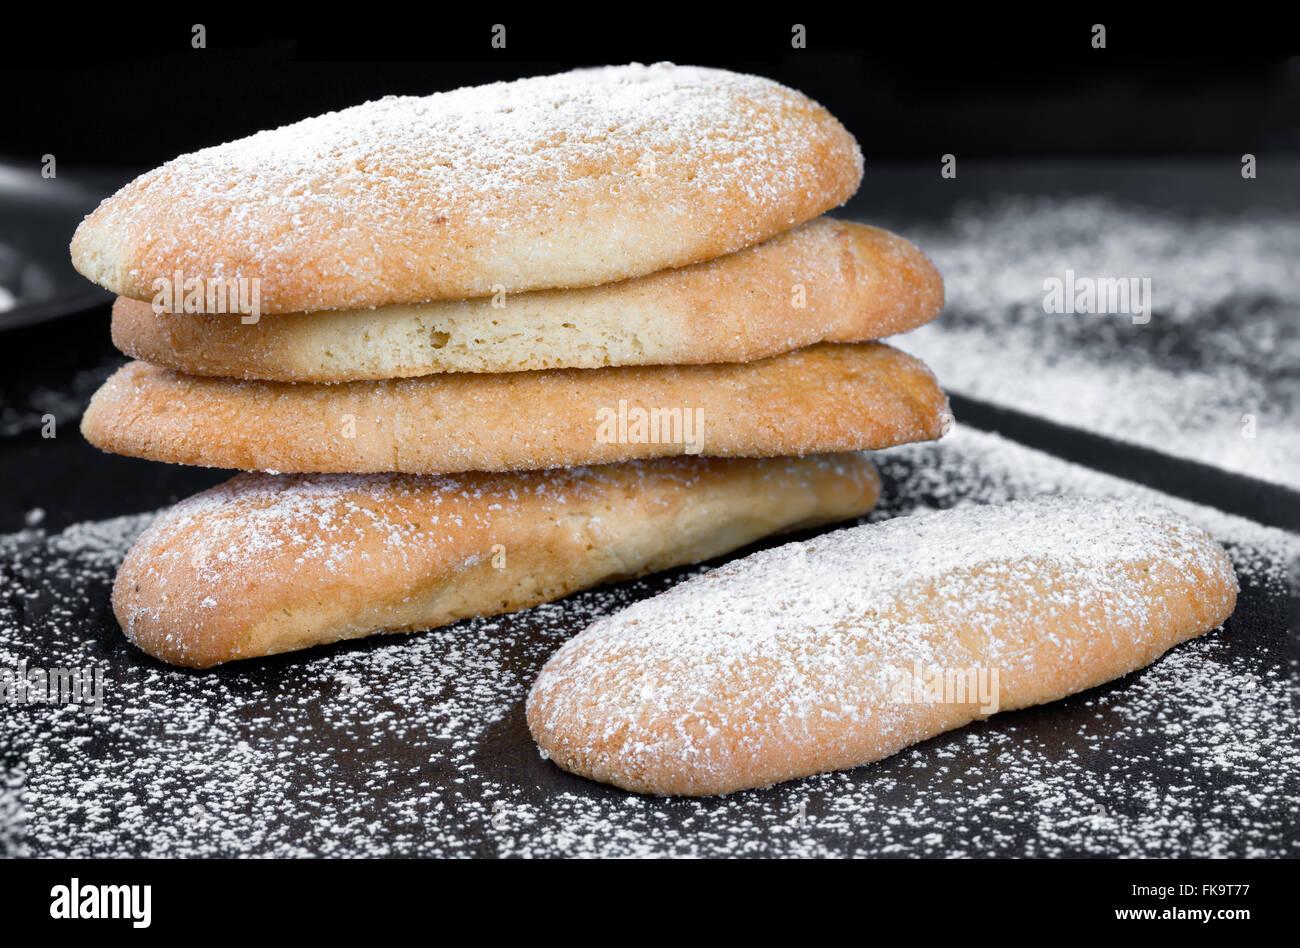 Leavened Savoiardi Biscuits - Stock Image